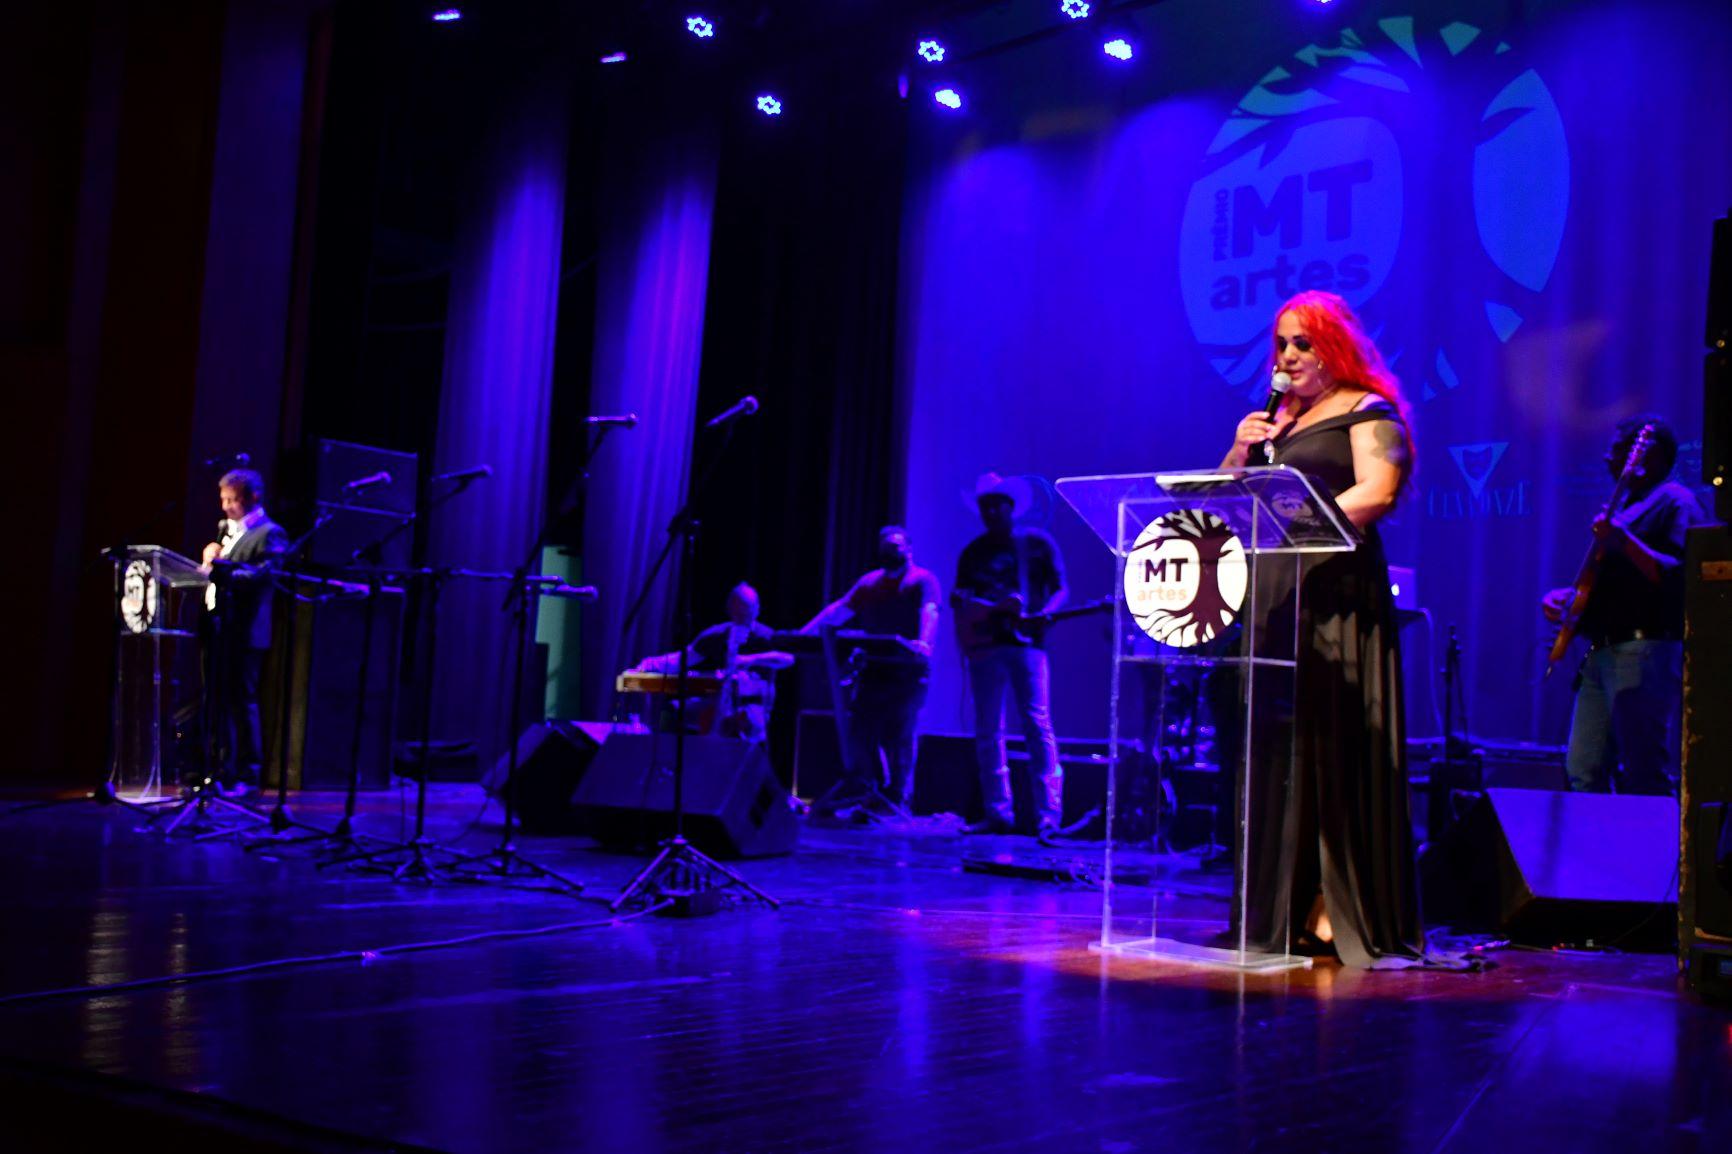 1º Prêmio MT Artes no Cine Teatro Cuiabá. Foto: Julio Rocha